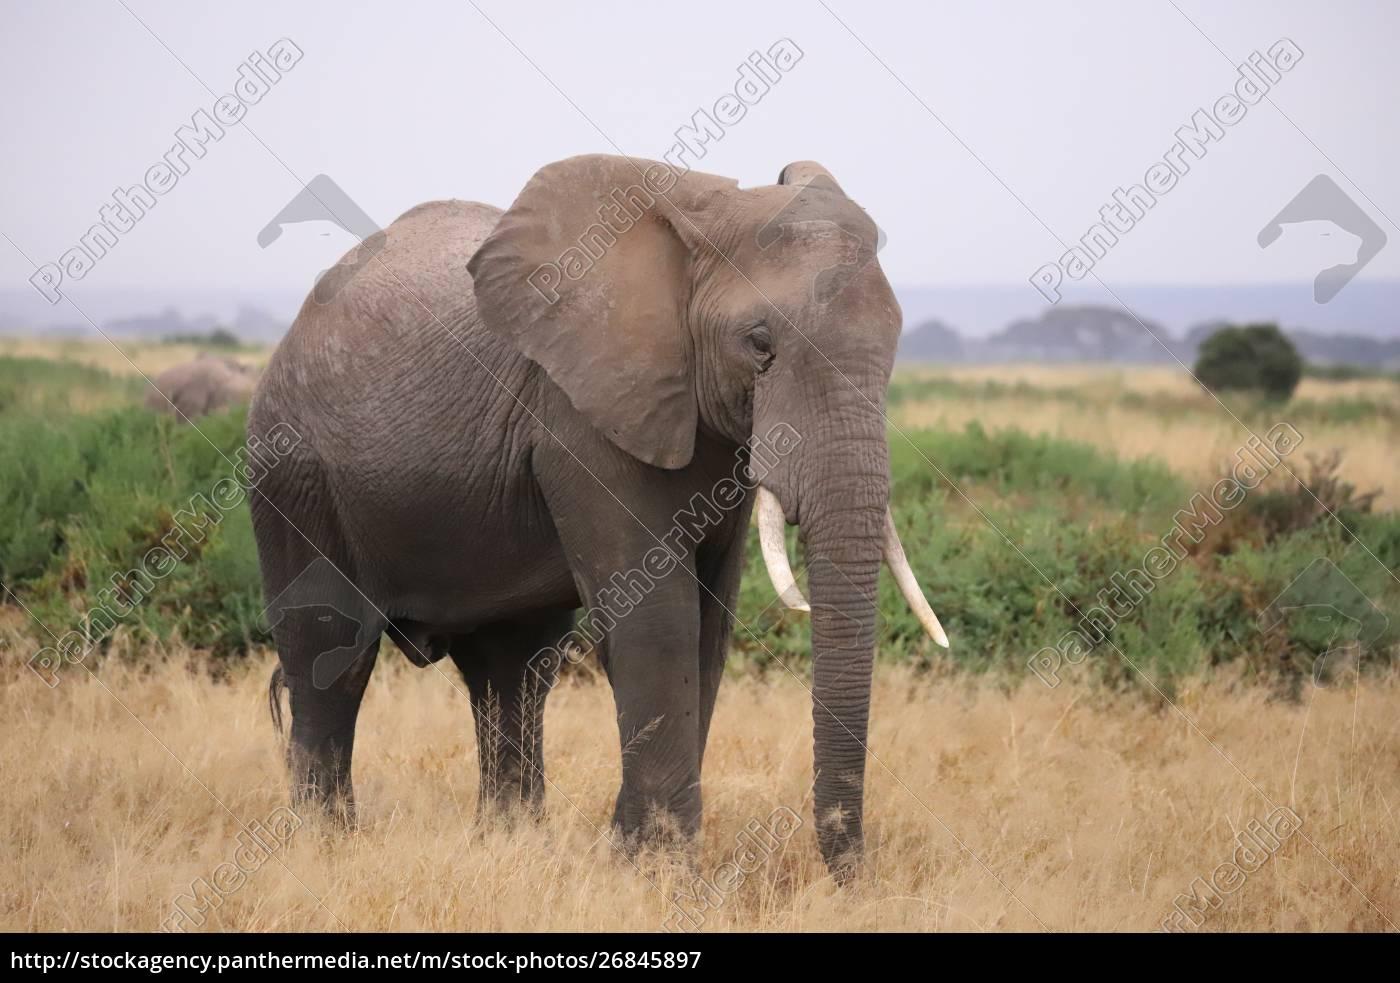 primo, piano, di, un, elefante, nel - 26845897